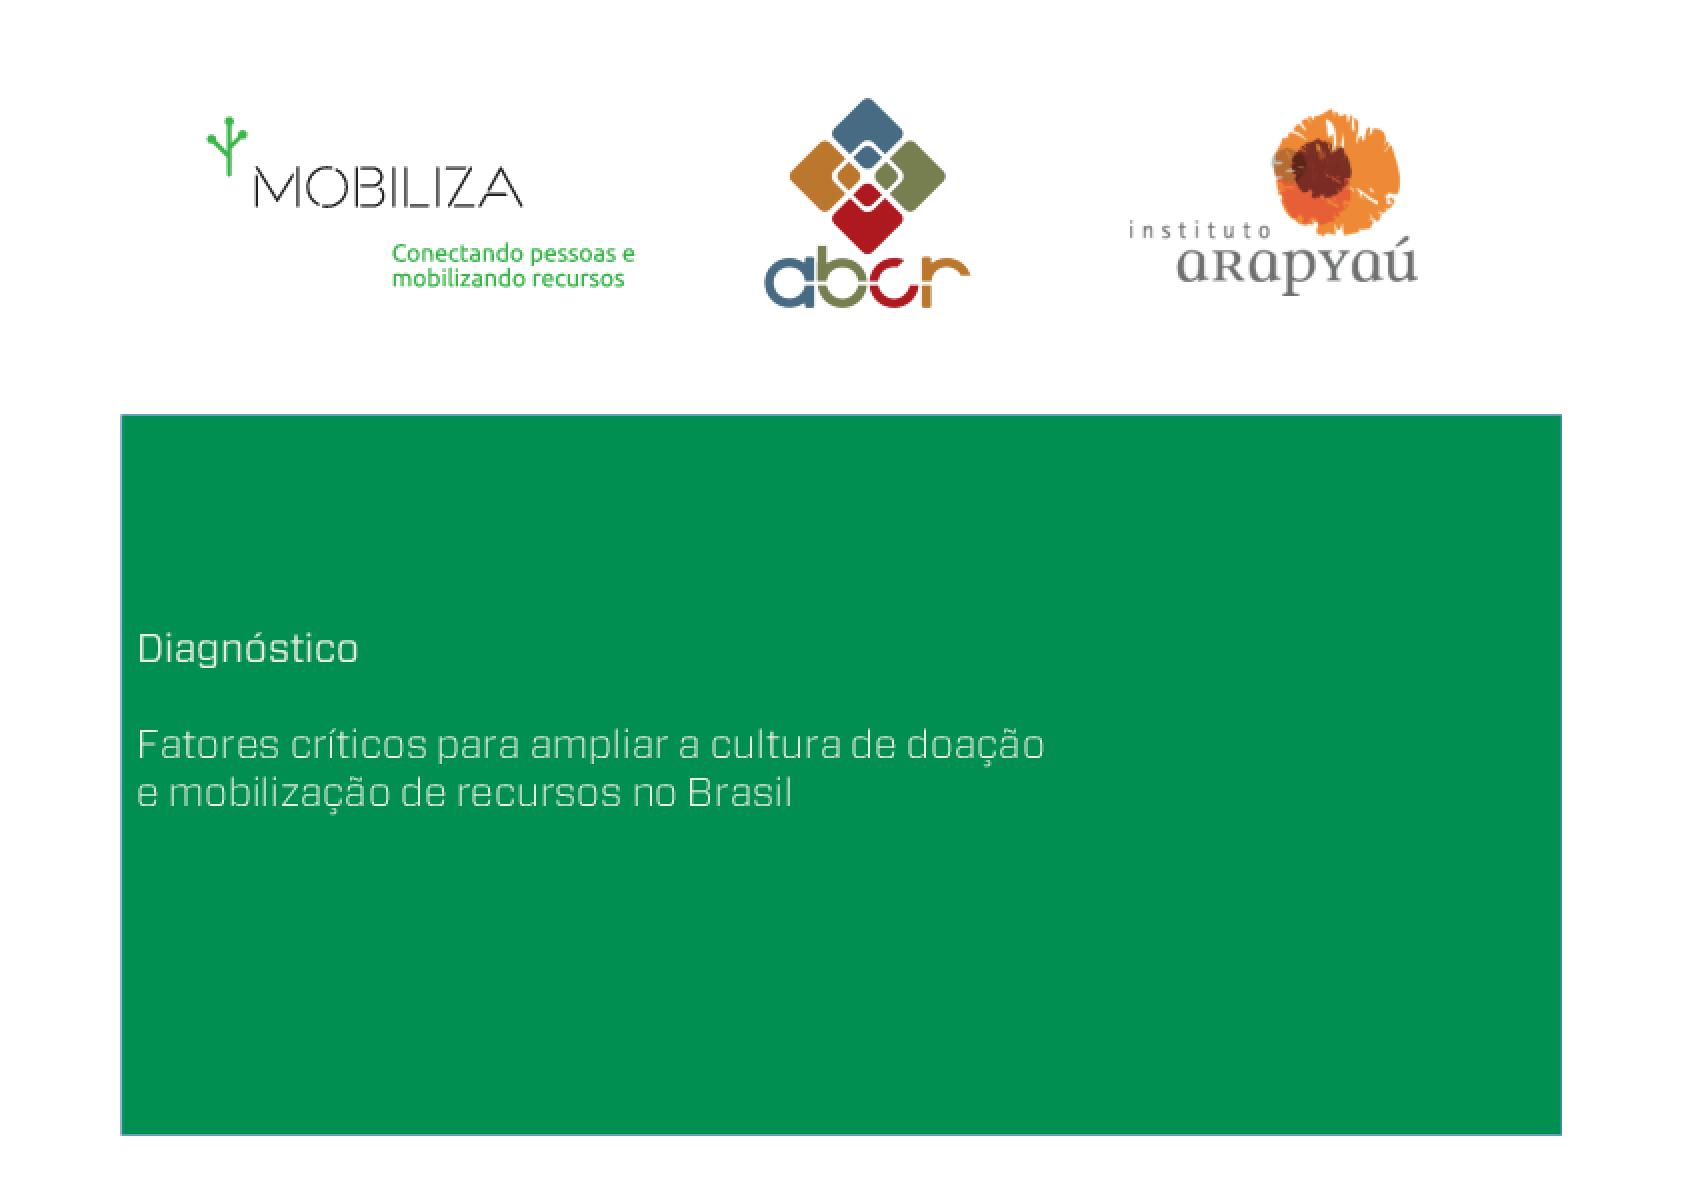 Fatores críticos para ampliar a cultura de doação e mobilização de recursos no Brasil